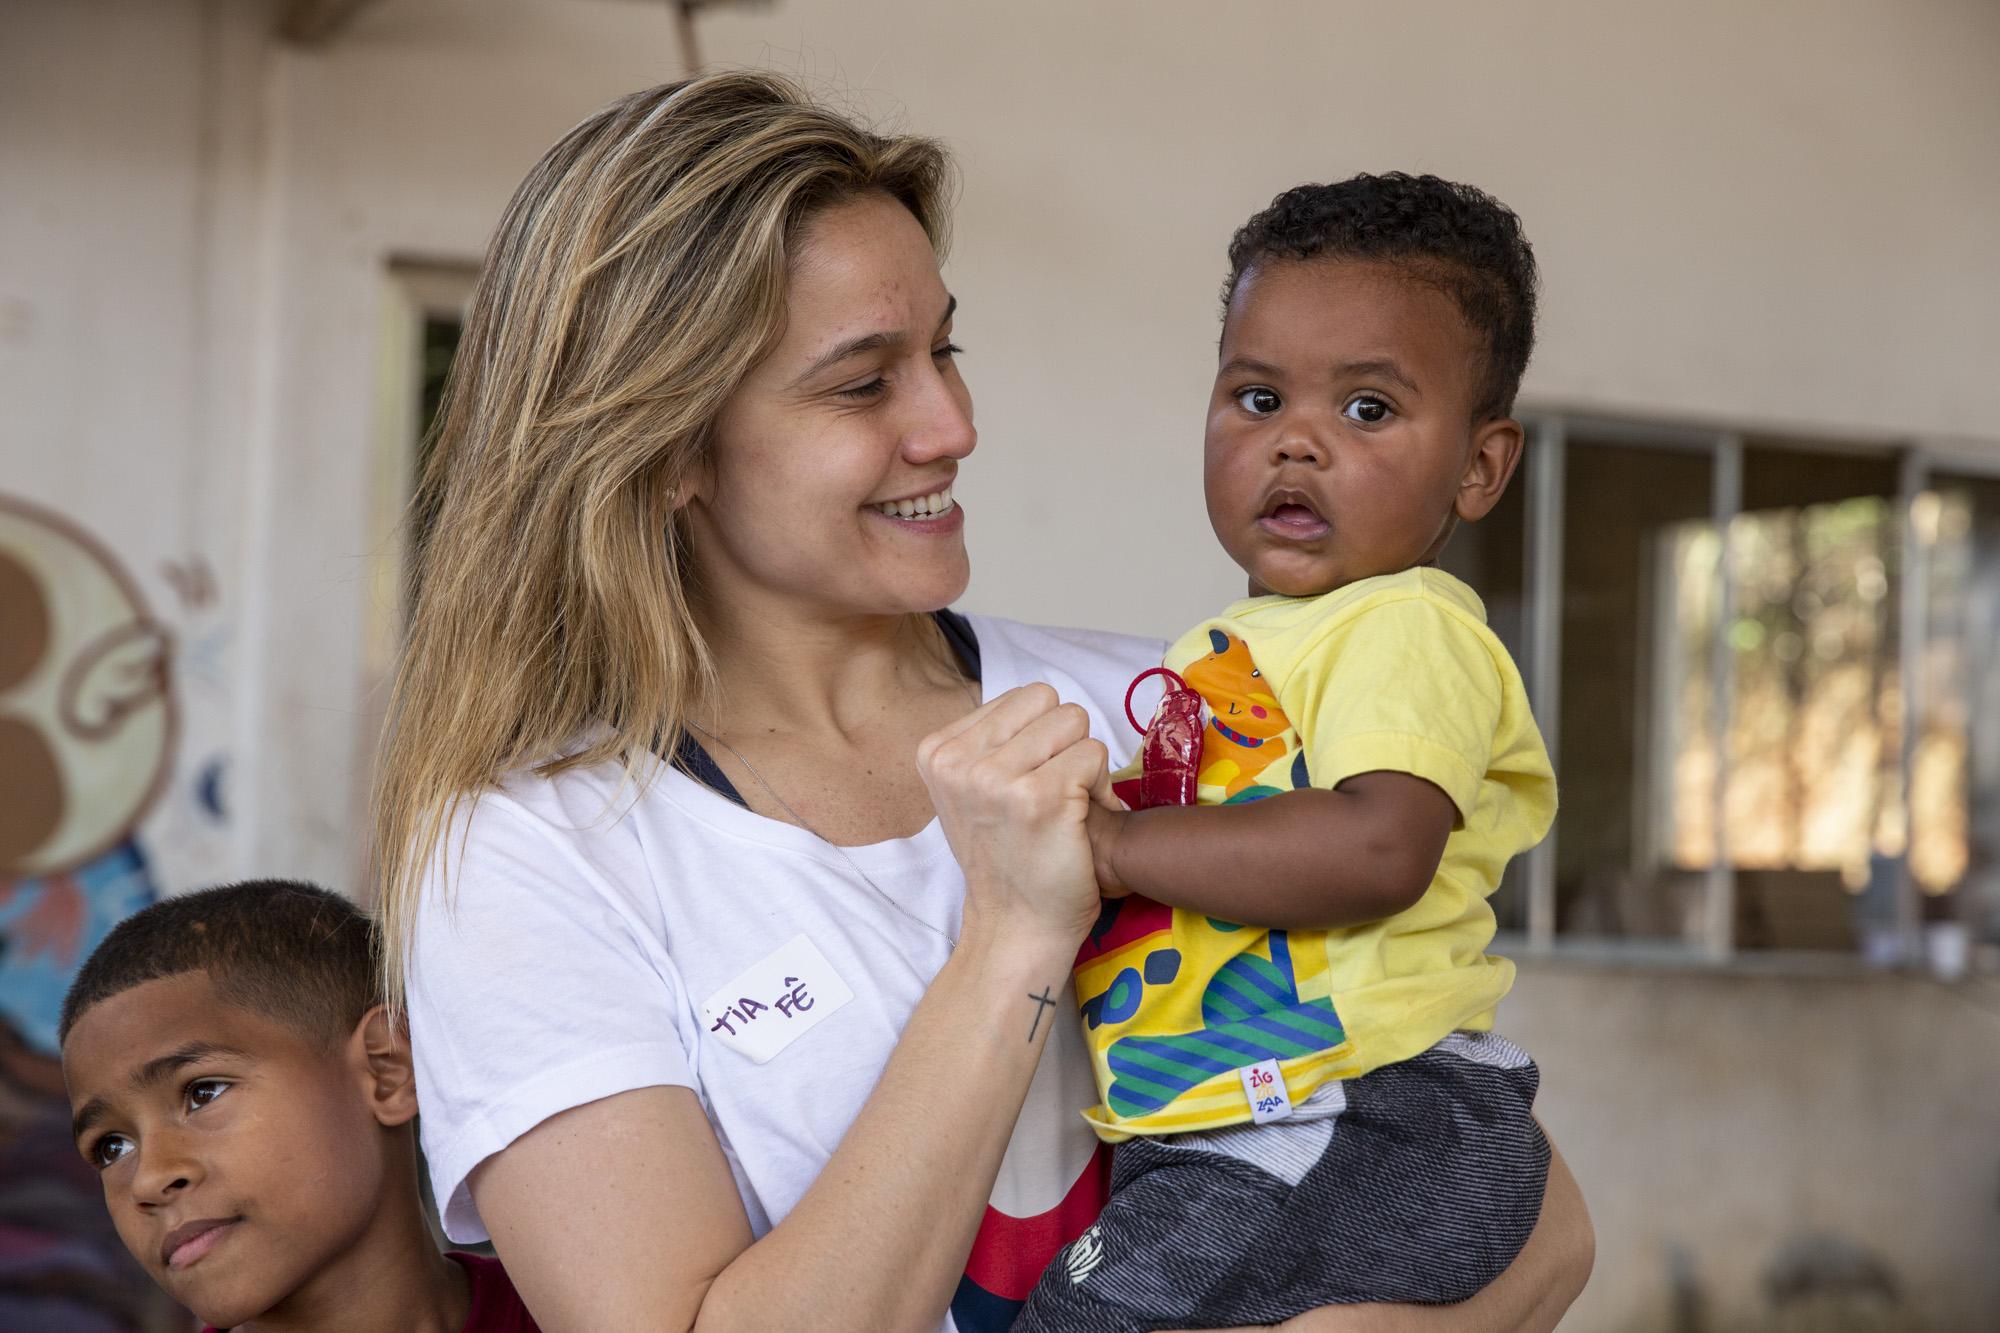 Causa da Educação, representada por Fernanda Gentil,é a grande vencedora da promoçãoGanhou, Causouda Nestlé 10